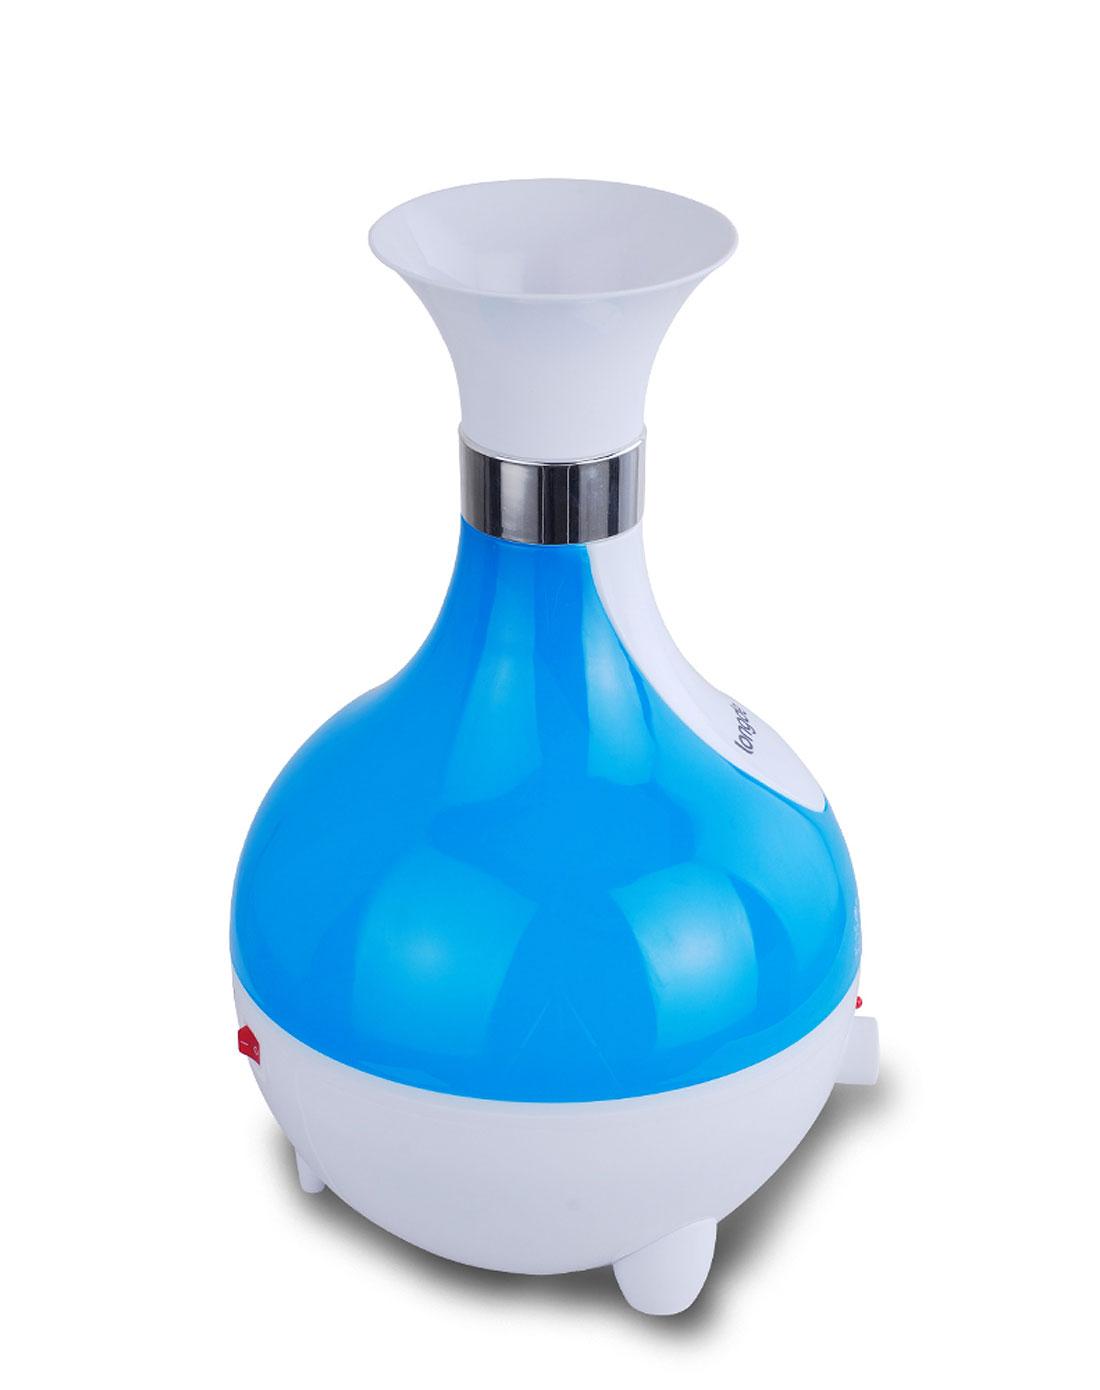 龙的longde电器专场-可爱花瓶造型加湿器